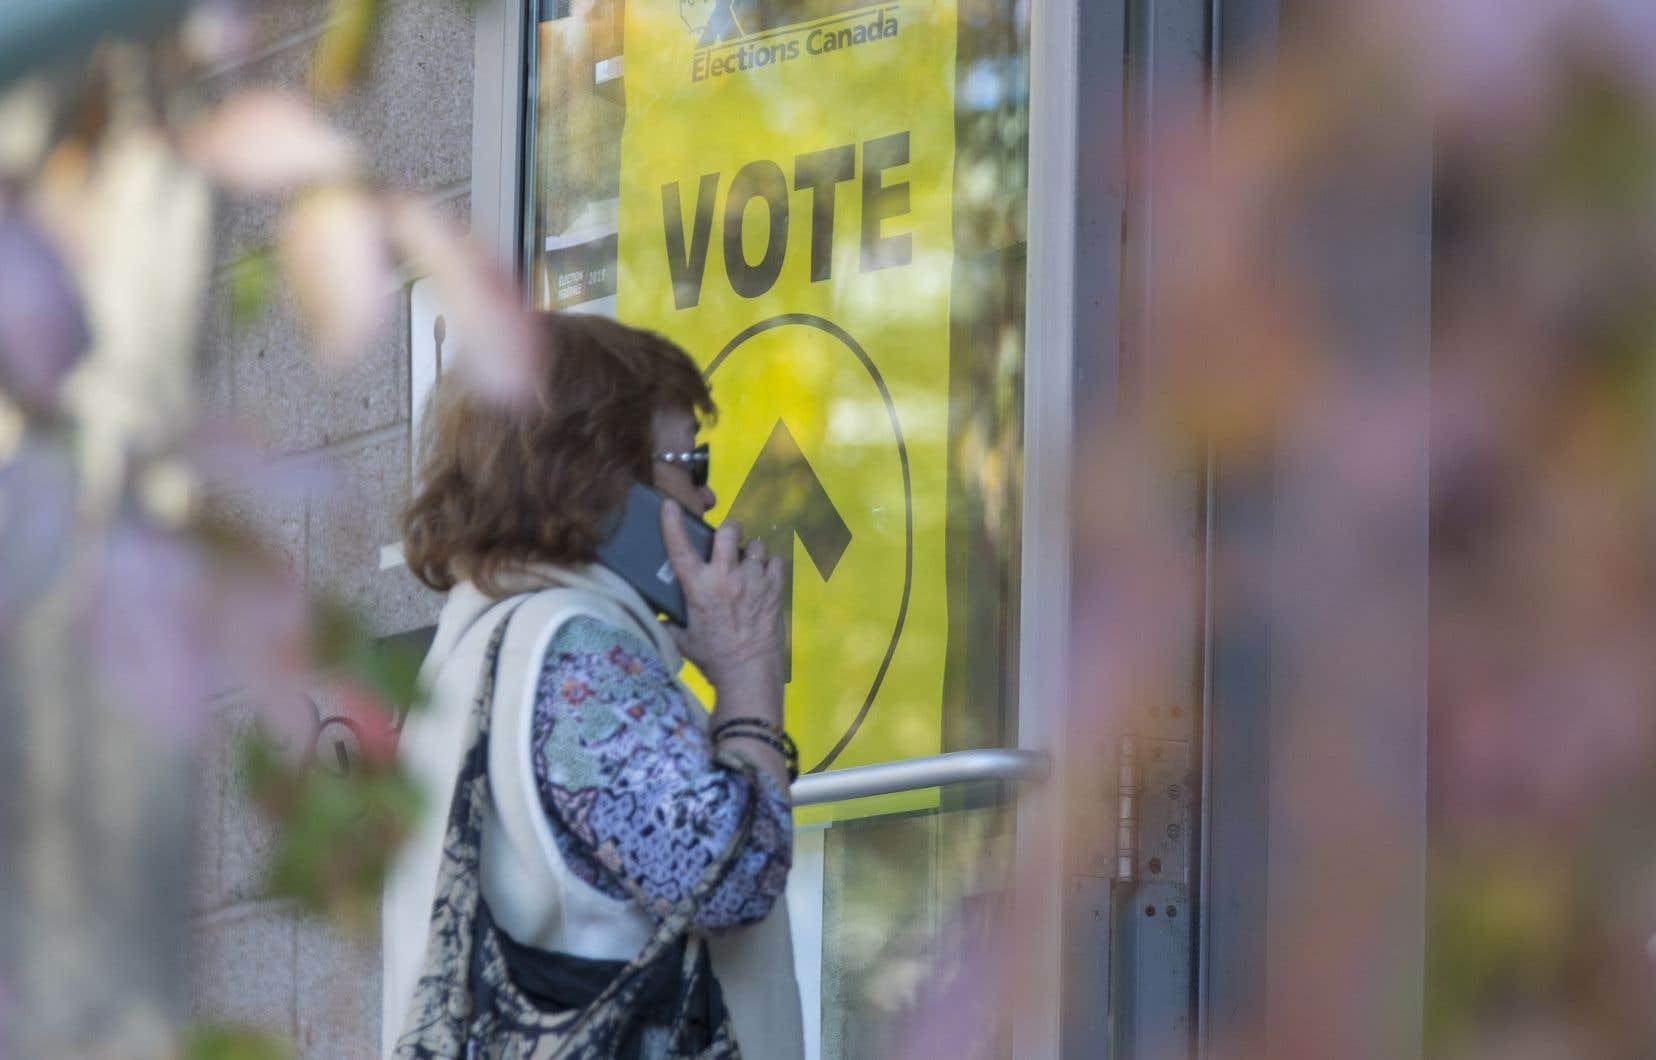 Cinq semaines plus tard, force est de constater que les électeurs risquent de faire essentiellement le même «choix» qu'en 2019.